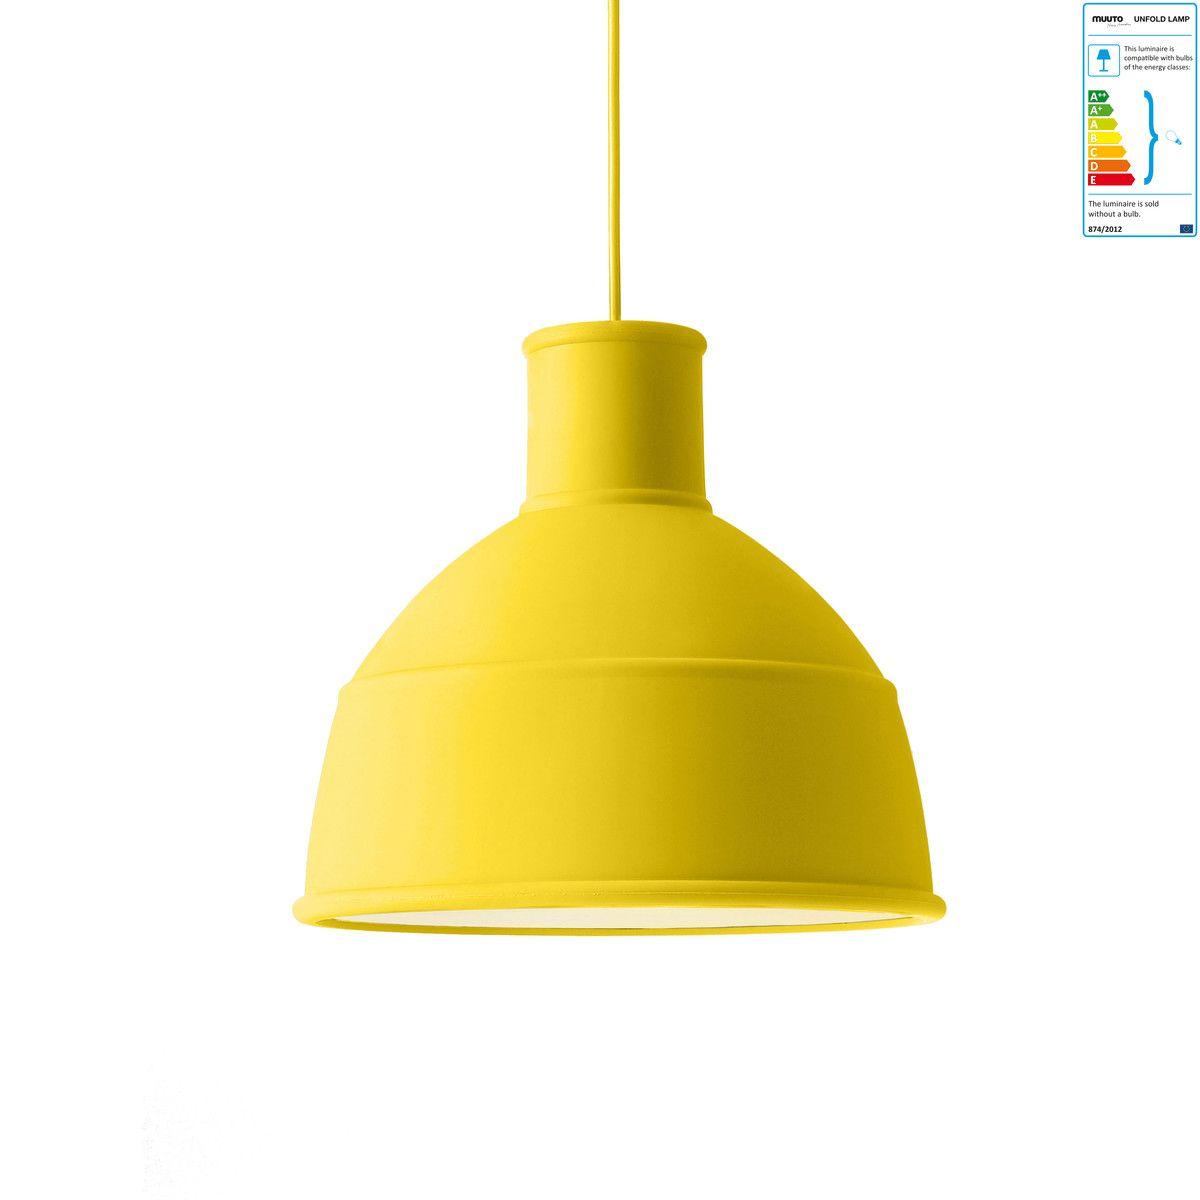 Pendelleuchte Gelb muuto unfold pendelleuchte gelb jetzt bestellen unter https